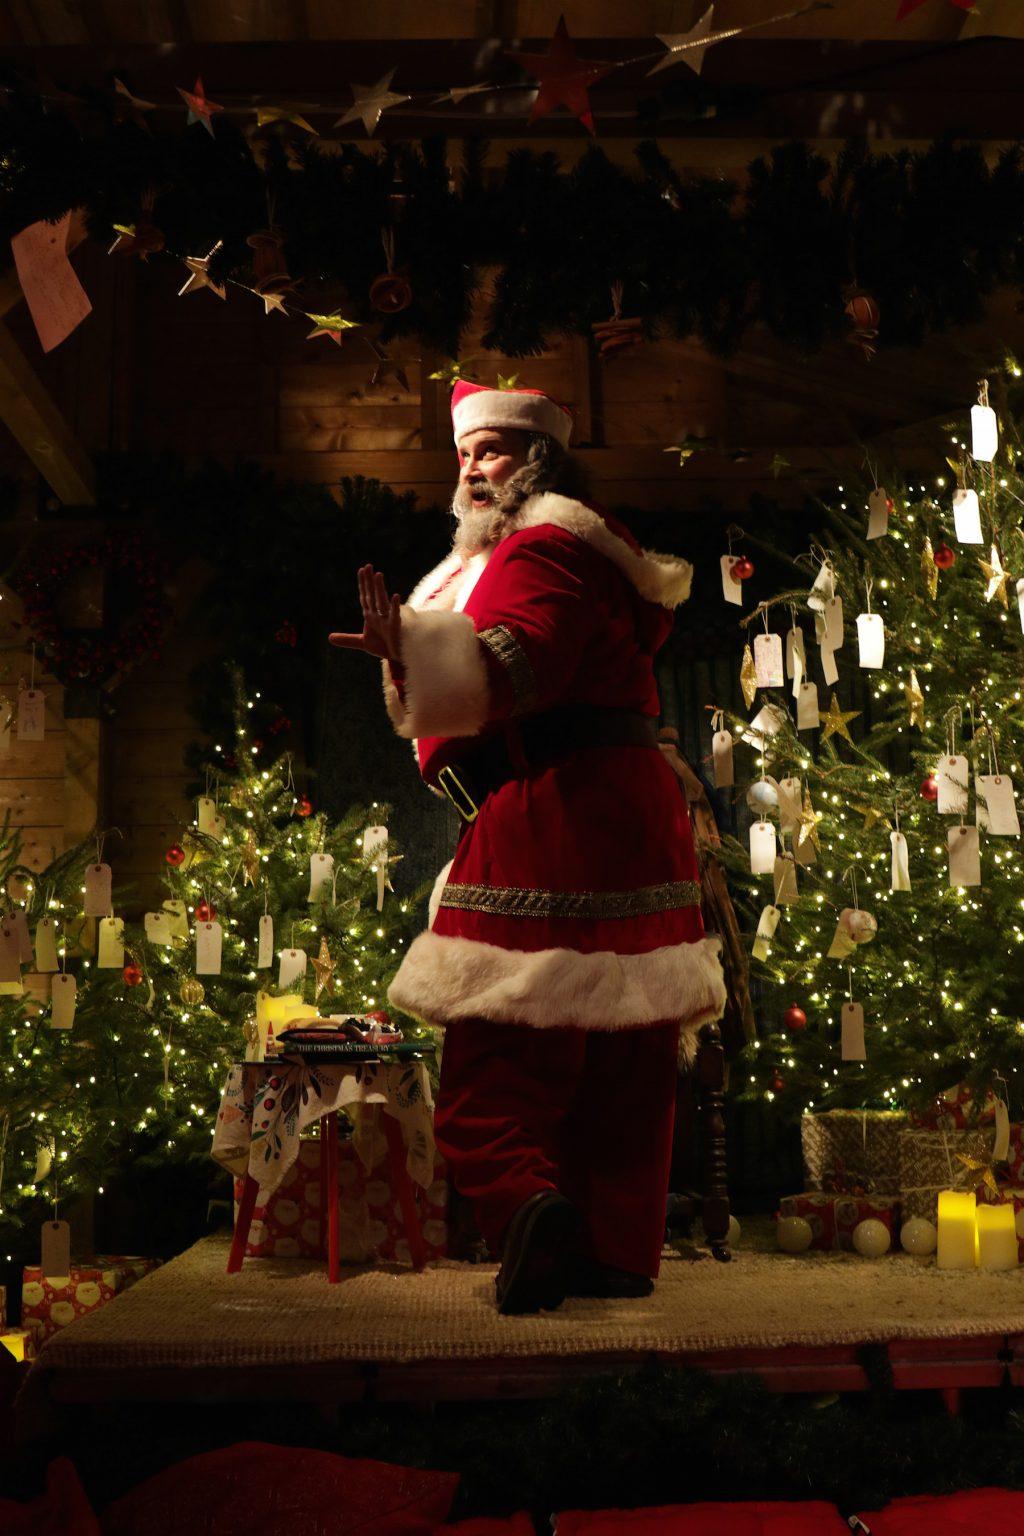 Santa Claus dancing.